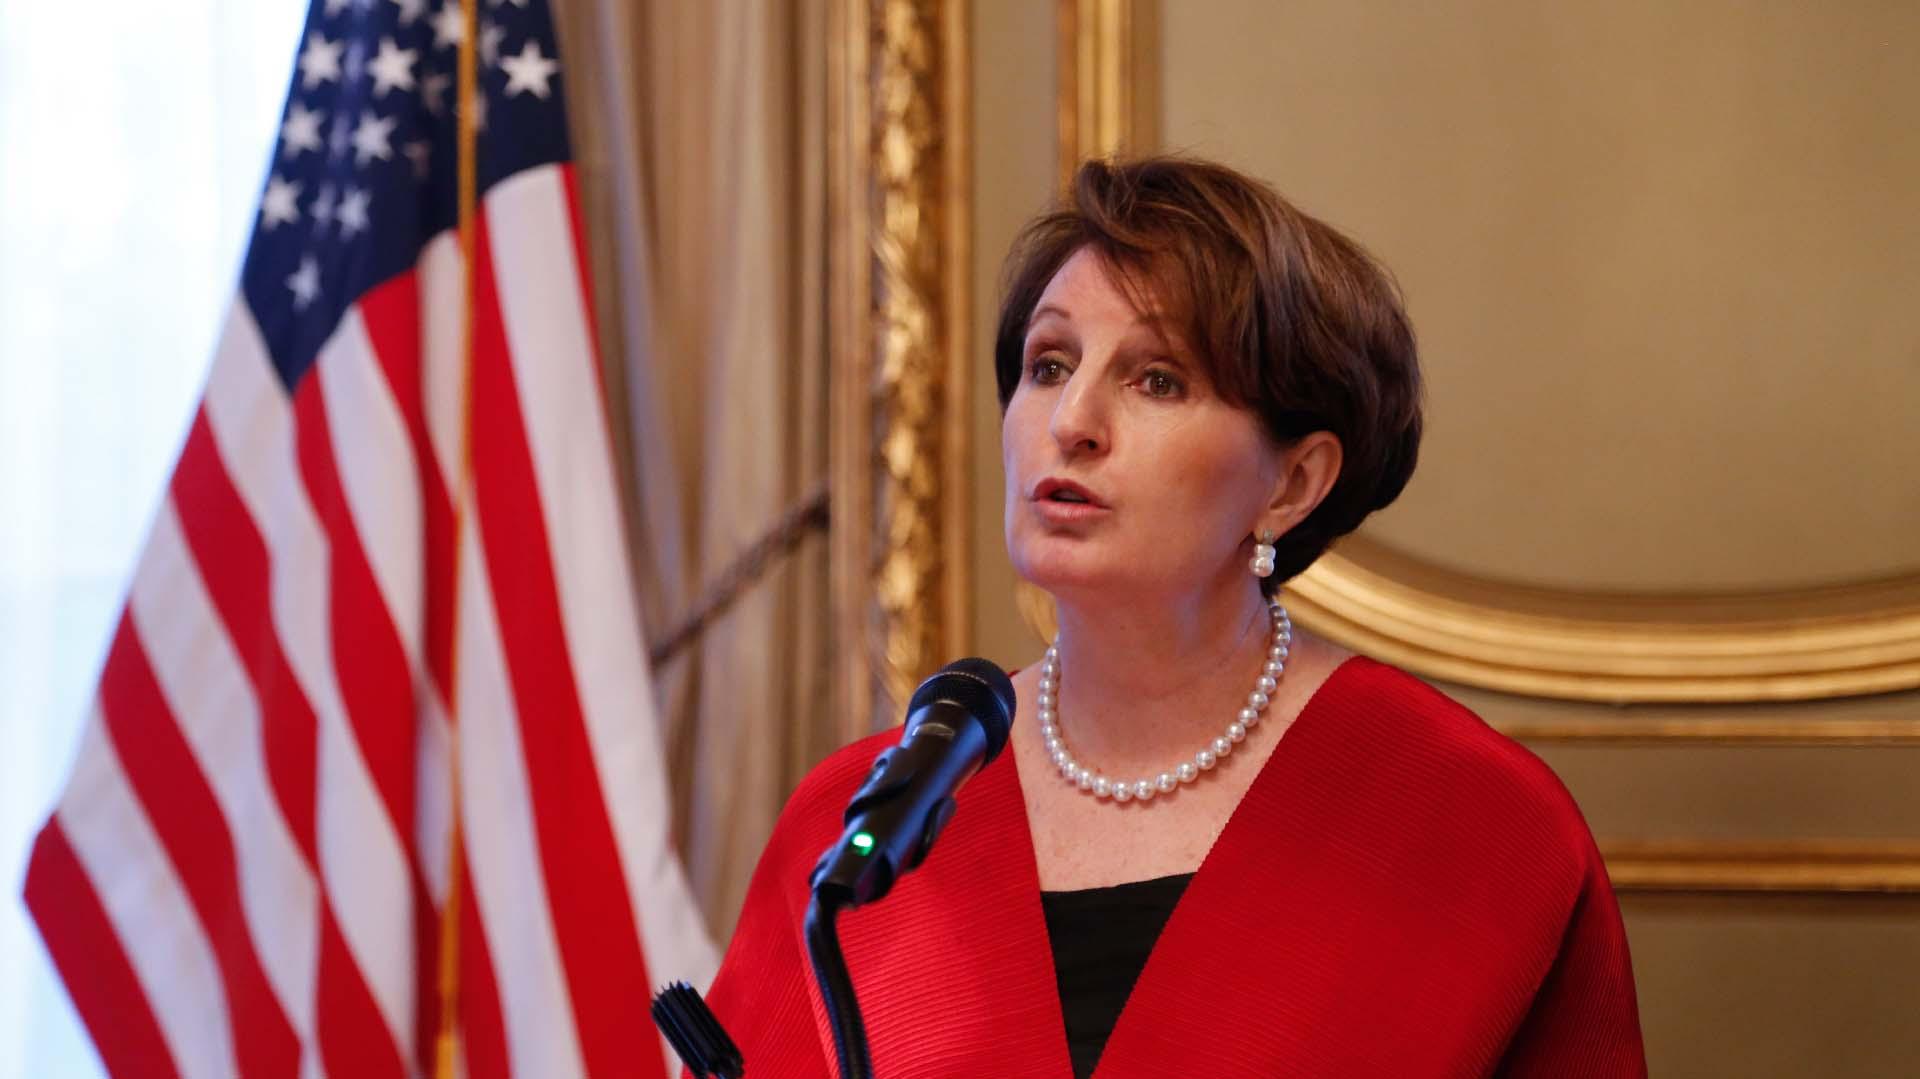 MaryKay Carlson, encargada de Negocios Interina de la embajada de los Estados Unidos en la Argentina